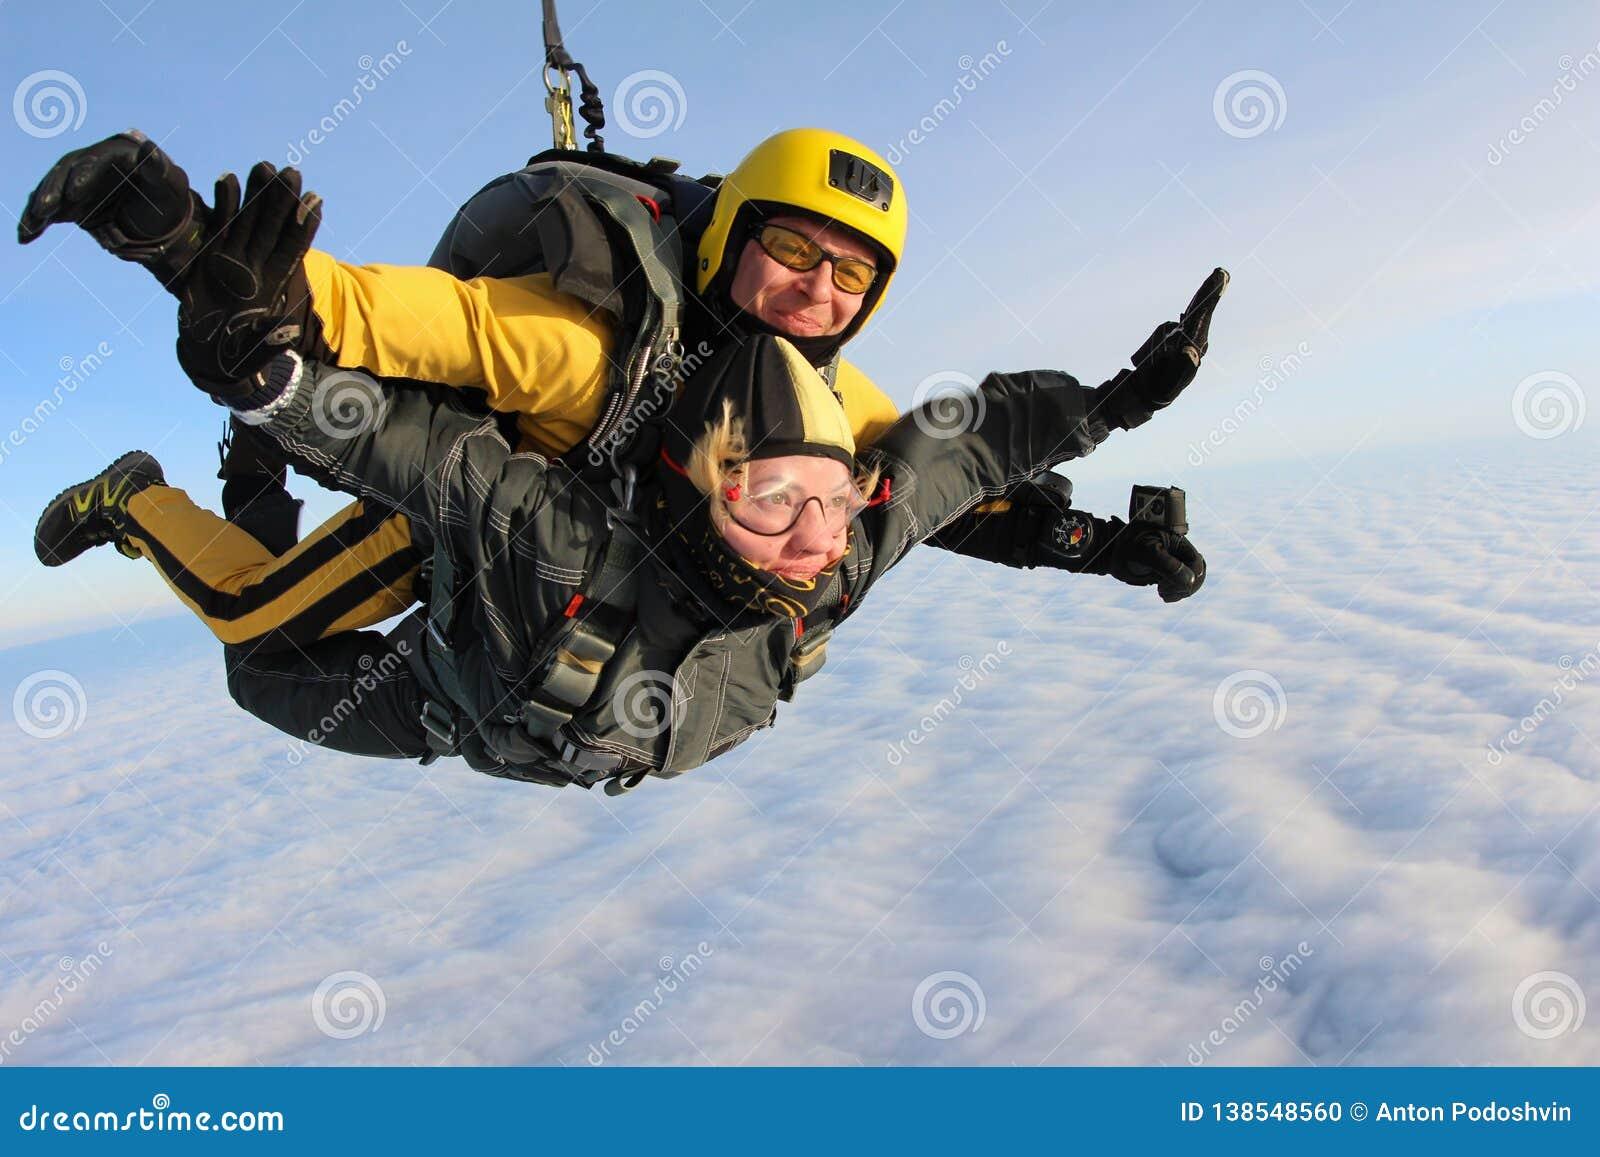 Parachutisme tandem Les parachutistes volent au-dessus des nuages blancs